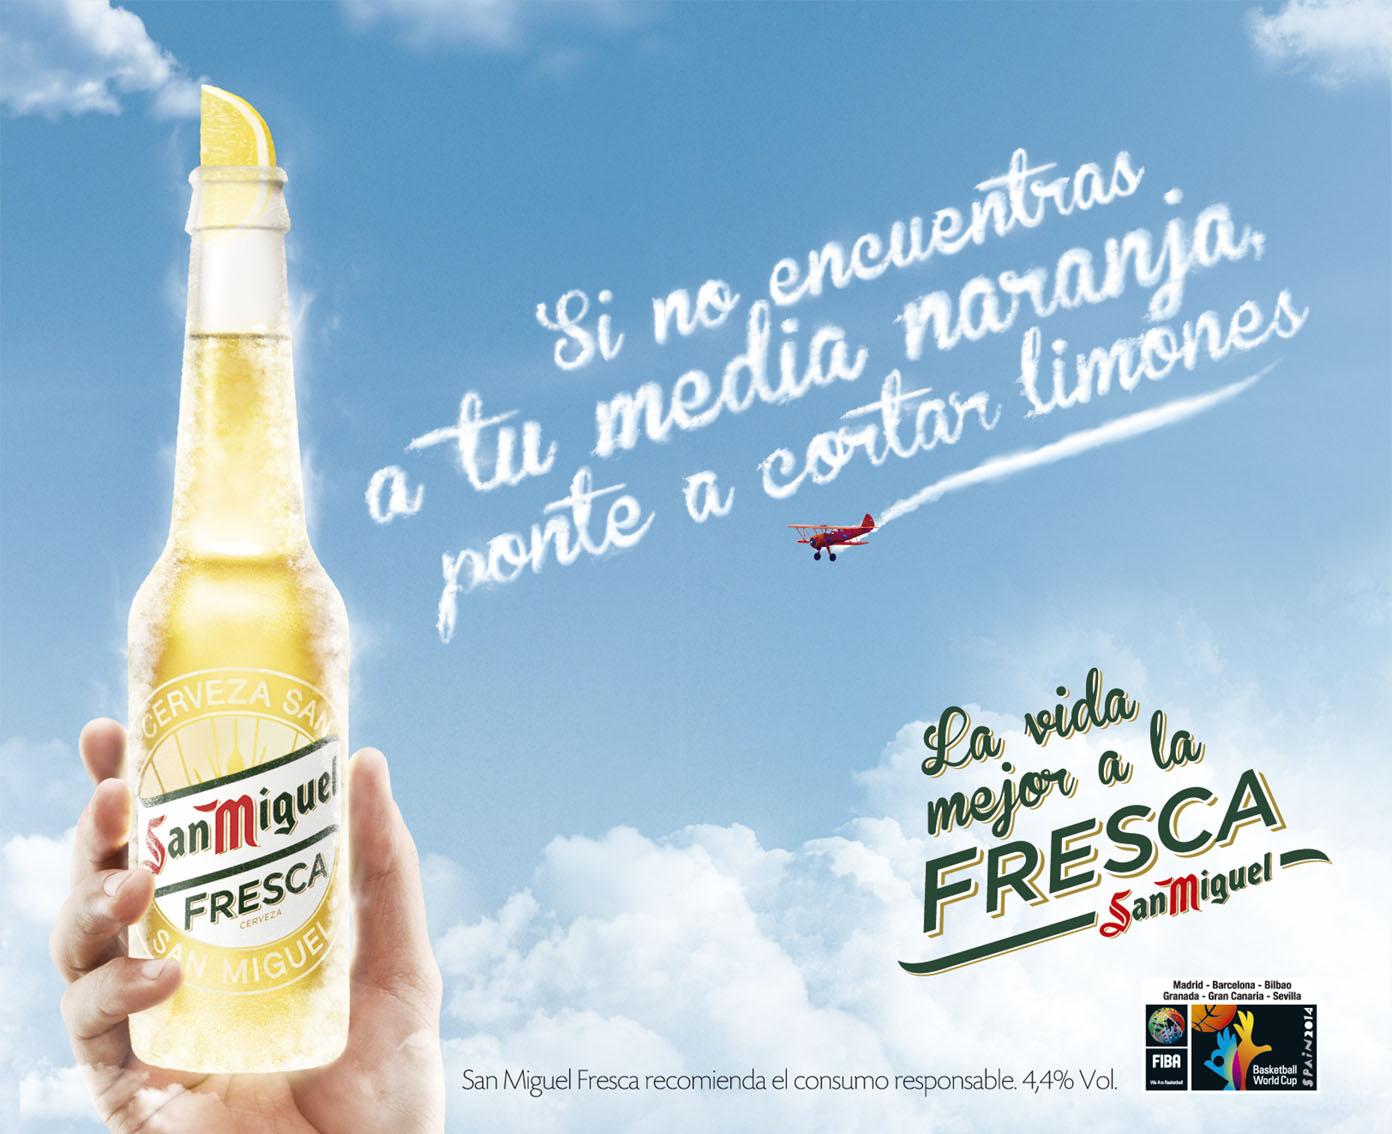 sanmiguel_fresca1.jpg